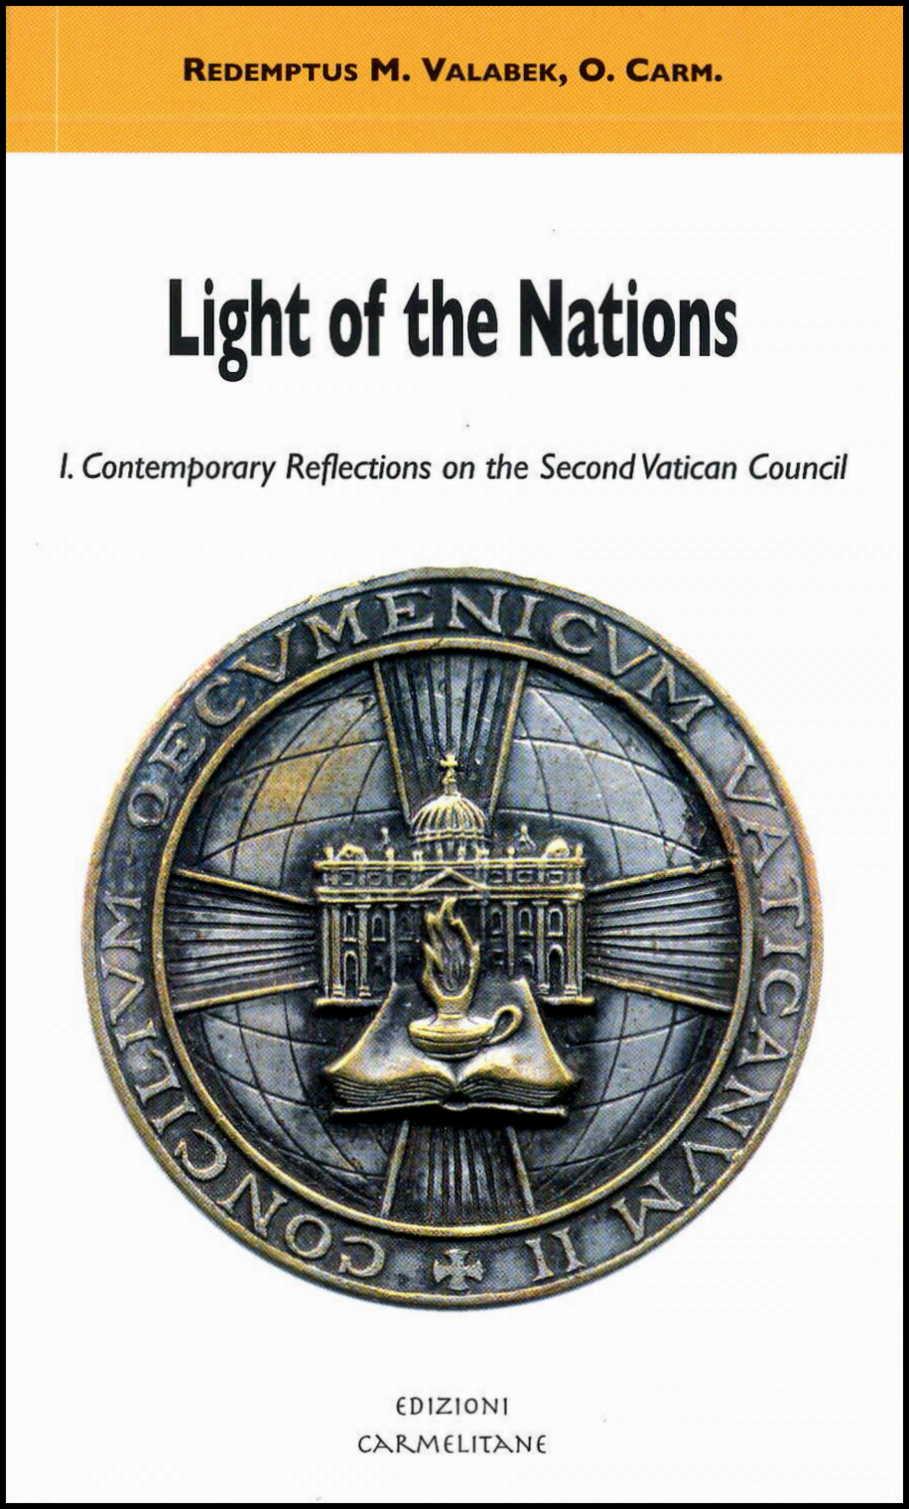 The second vatican council essay